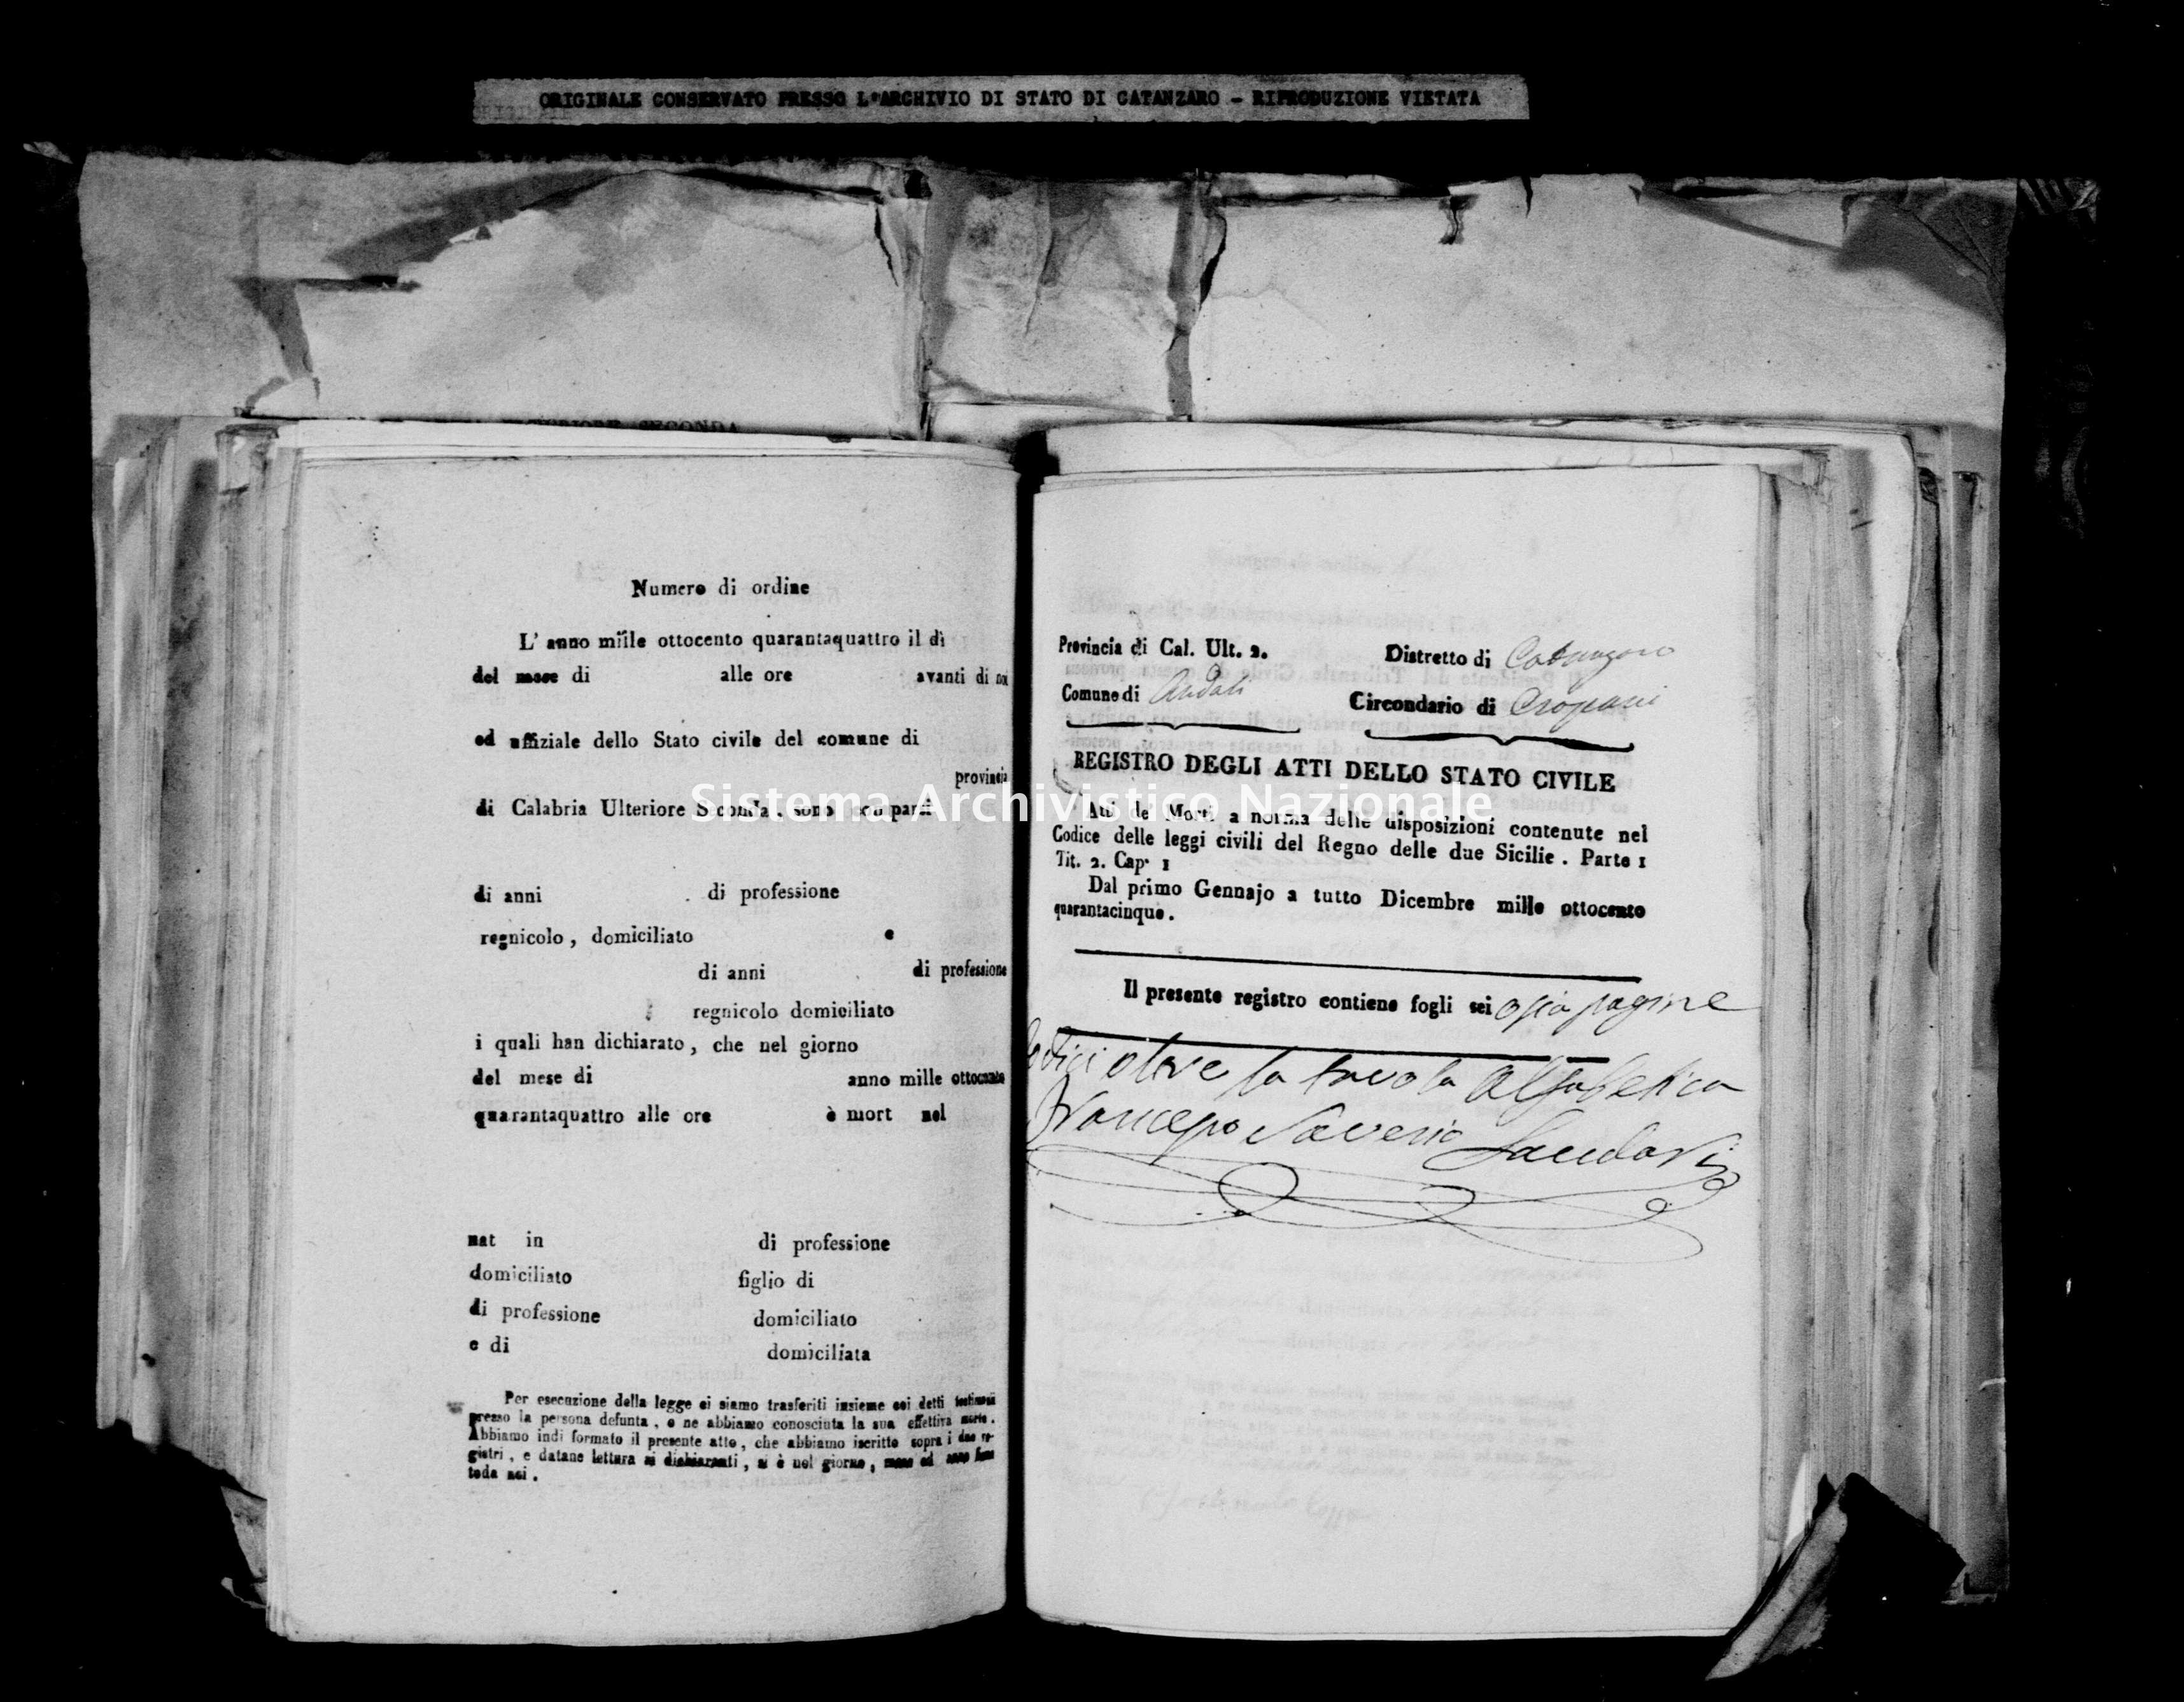 Archivio di stato di Catanzaro - Stato civile italiano - Andali - Morti - 20/01/1845-21/09/1845 -